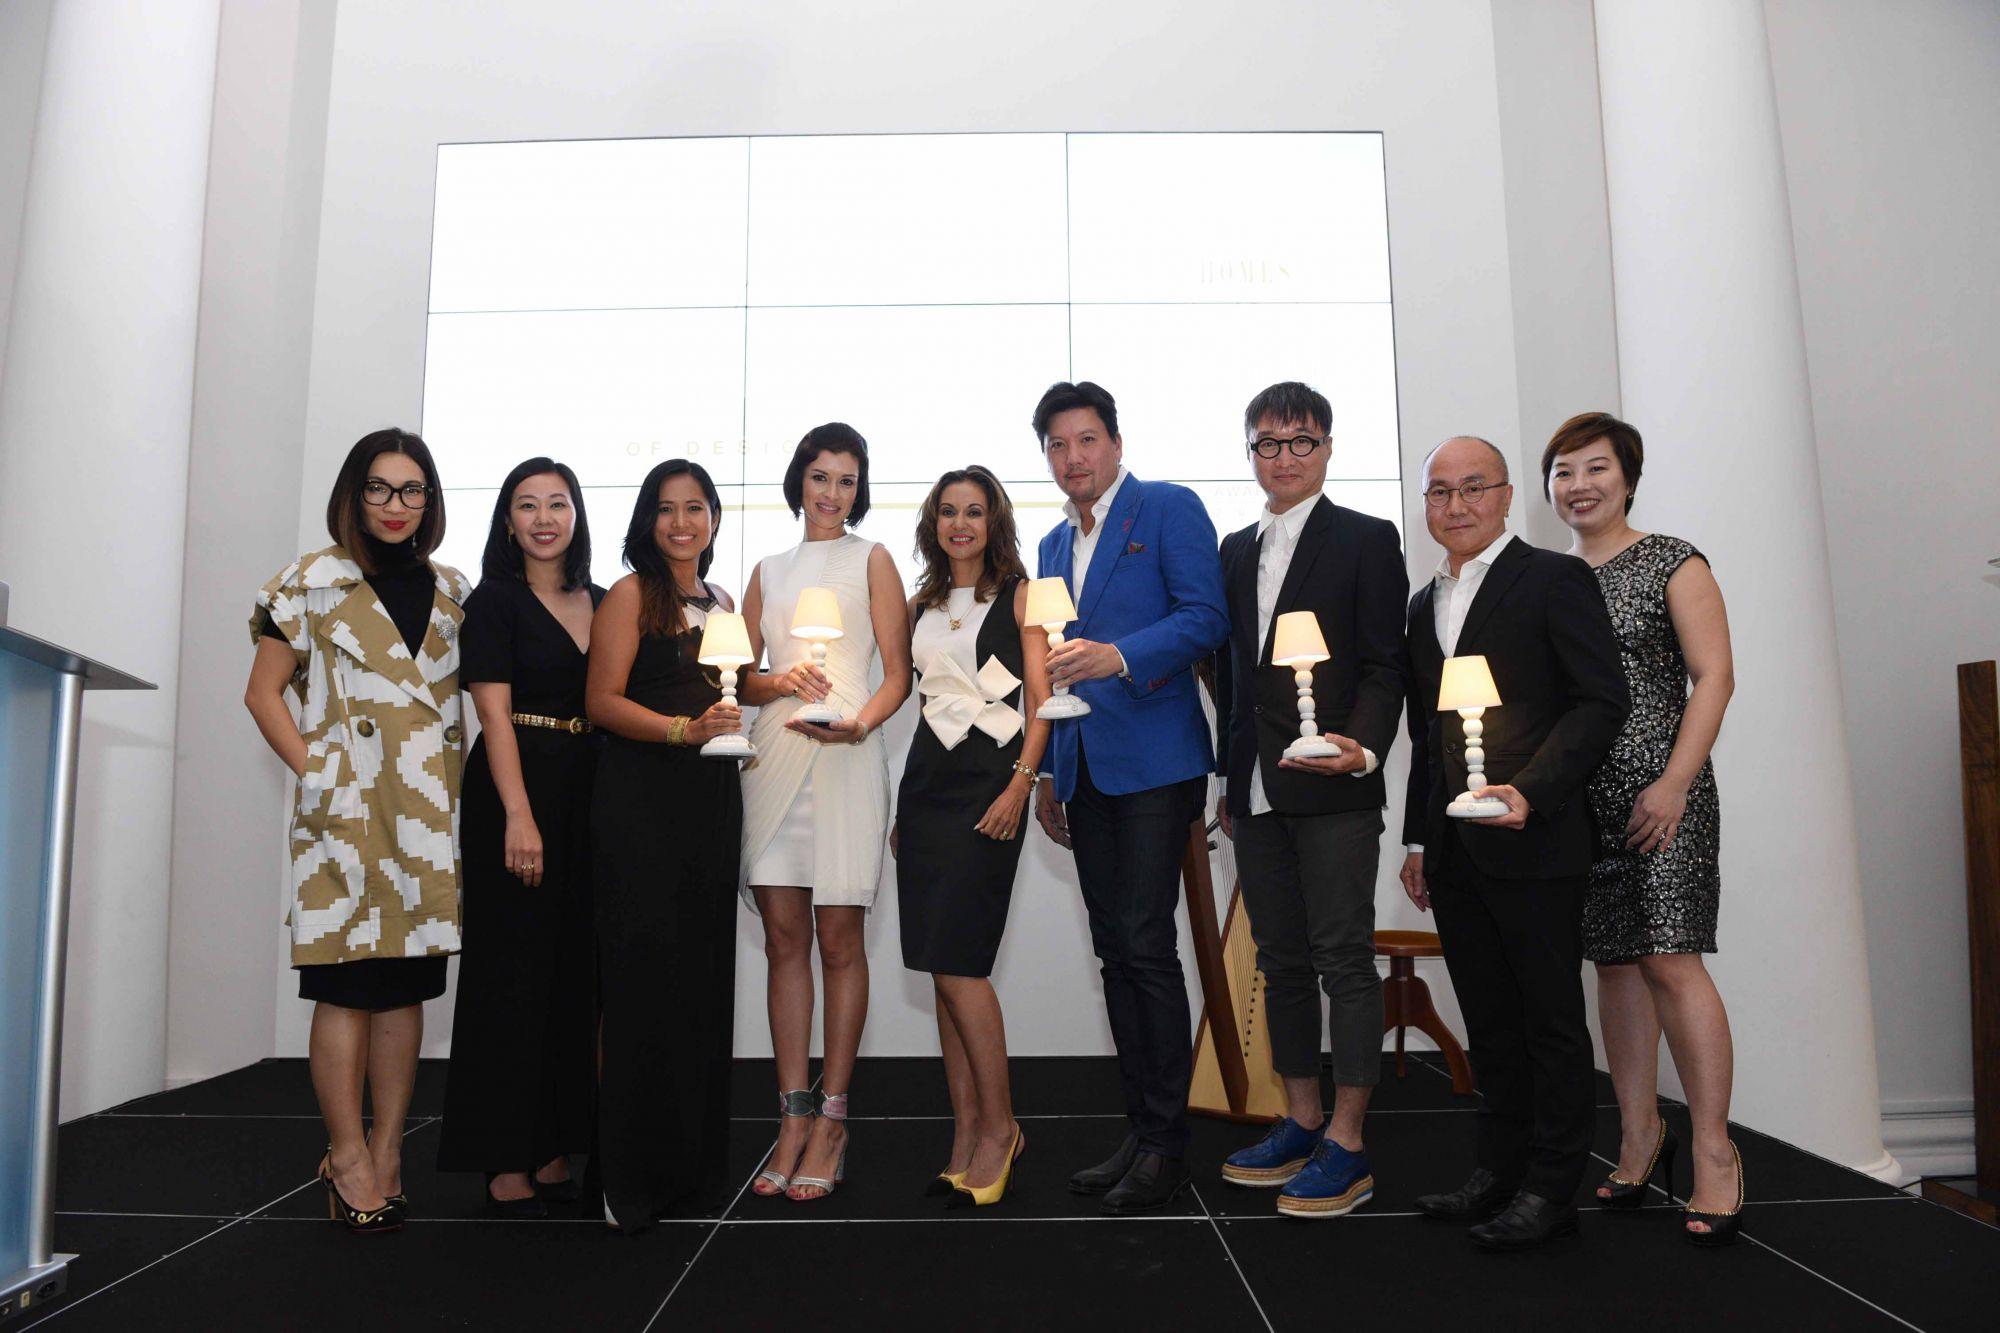 Corinne Ng, Kissa Castañeda, Jennifer Murray, Andrea Savage, Nikki Hunt, Roy Teo, Edmund Ng, Tay Hiang Liang, Jane Ngiam